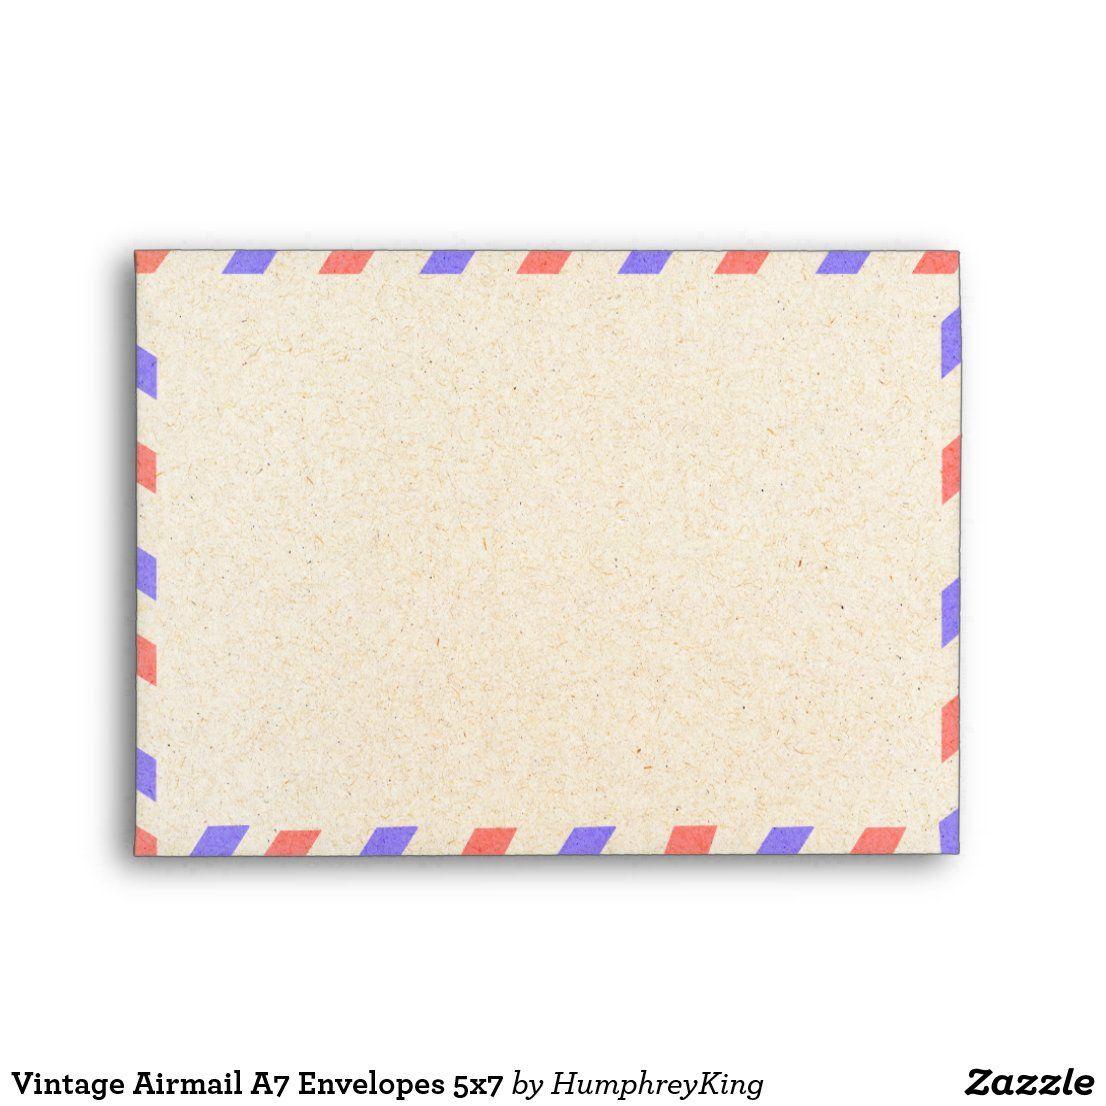 Vintage Airmail A7 Envelopes 5x7 Zazzle Com Custom Printed Envelopes Custom Envelopes Printed Envelopes